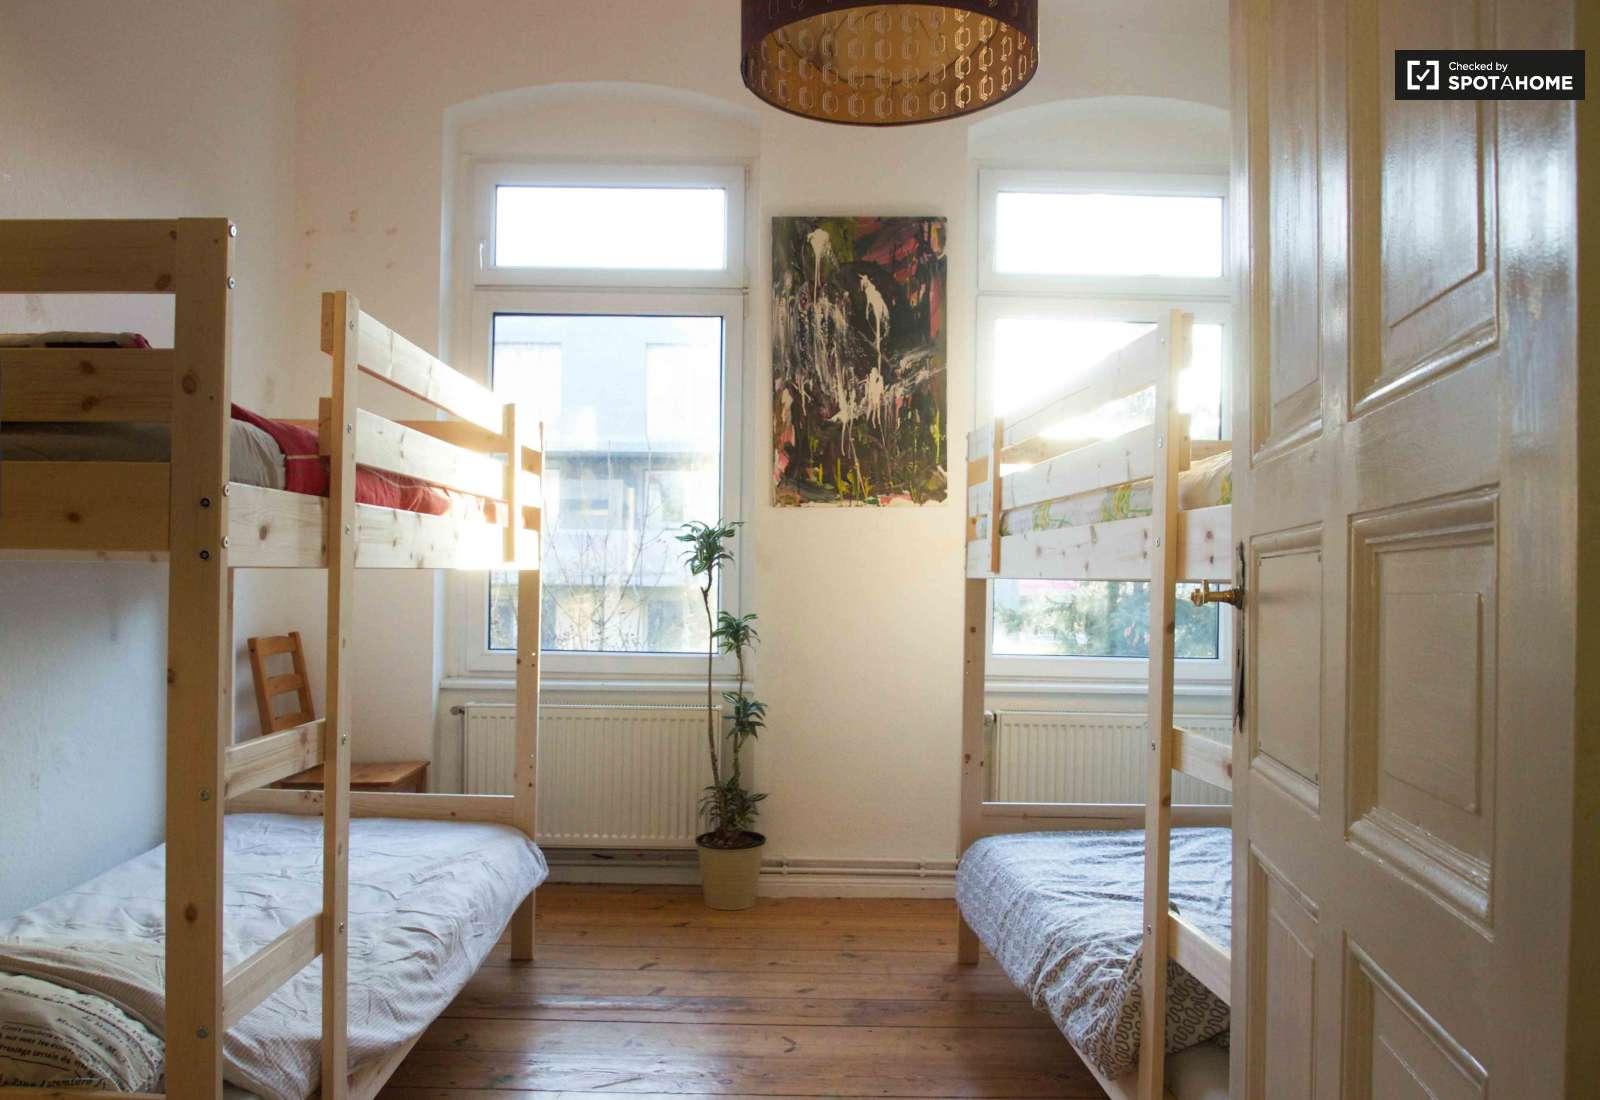 Bunk Beds In Beds For Rent In 1 Bedroom Apartment In Treptow Room For Rent Berlin